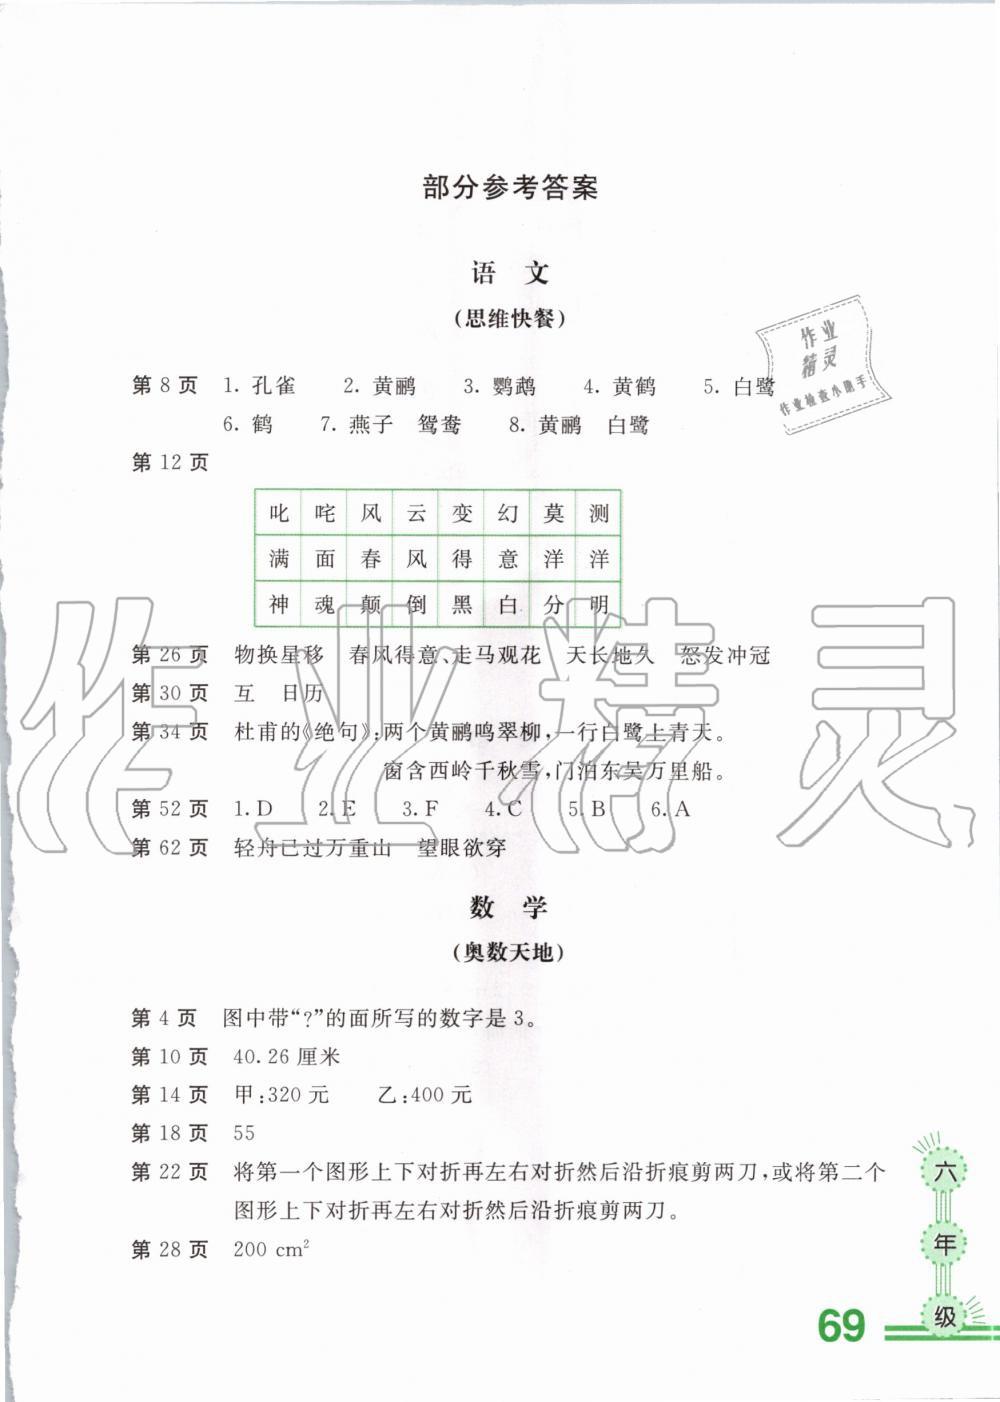 2020年新课堂假期生活寒假用书六年级合编人教版北京教育出版社第1页